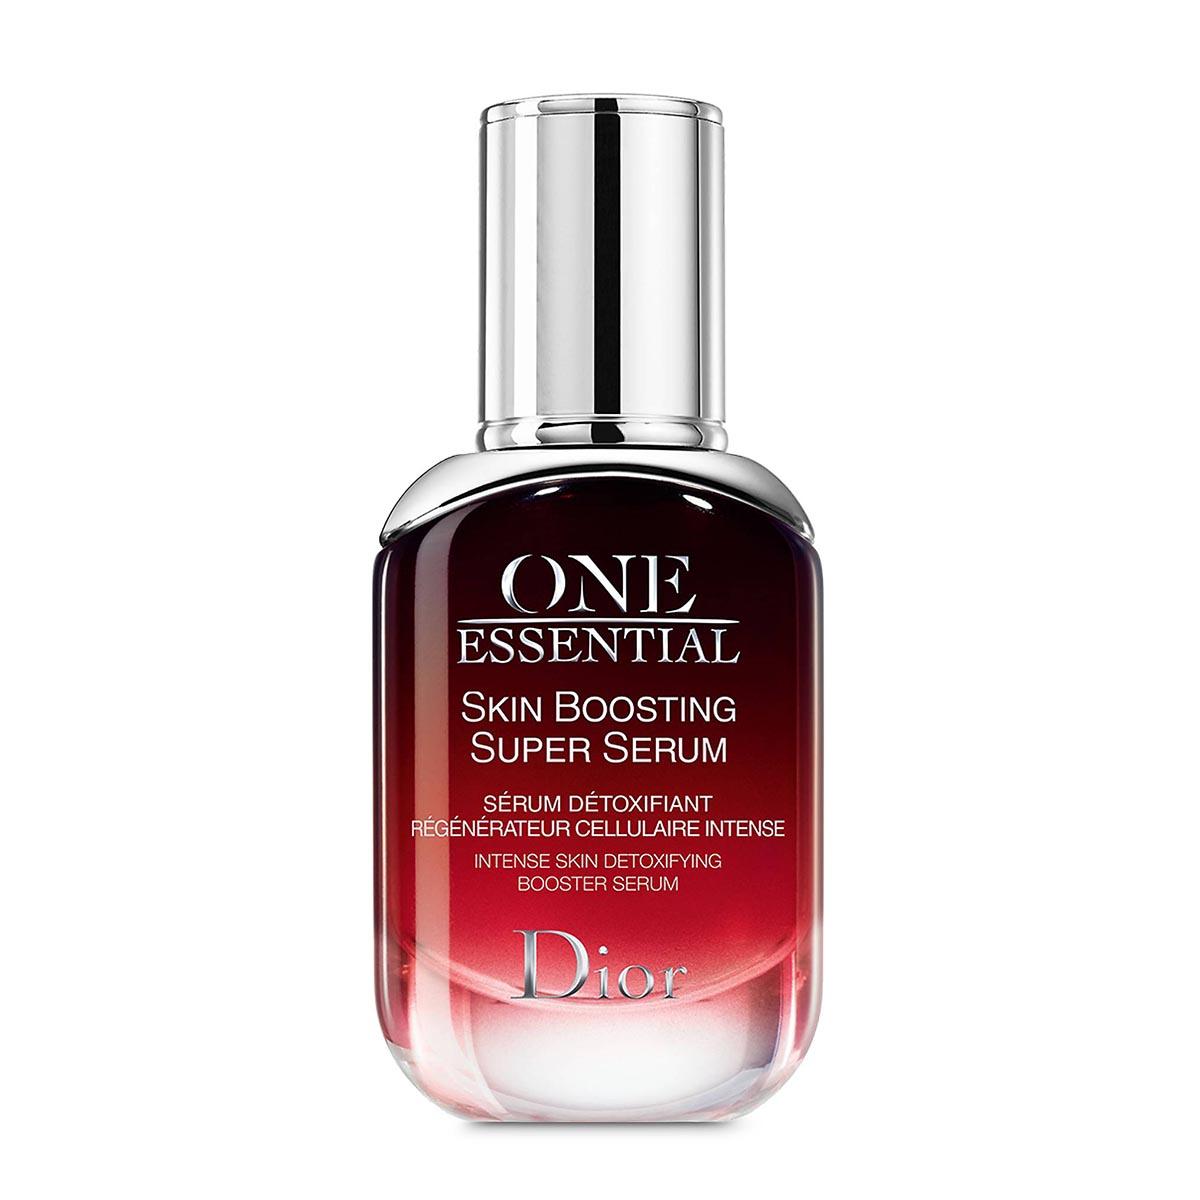 Dior one essential skin boosting super serum 30ml